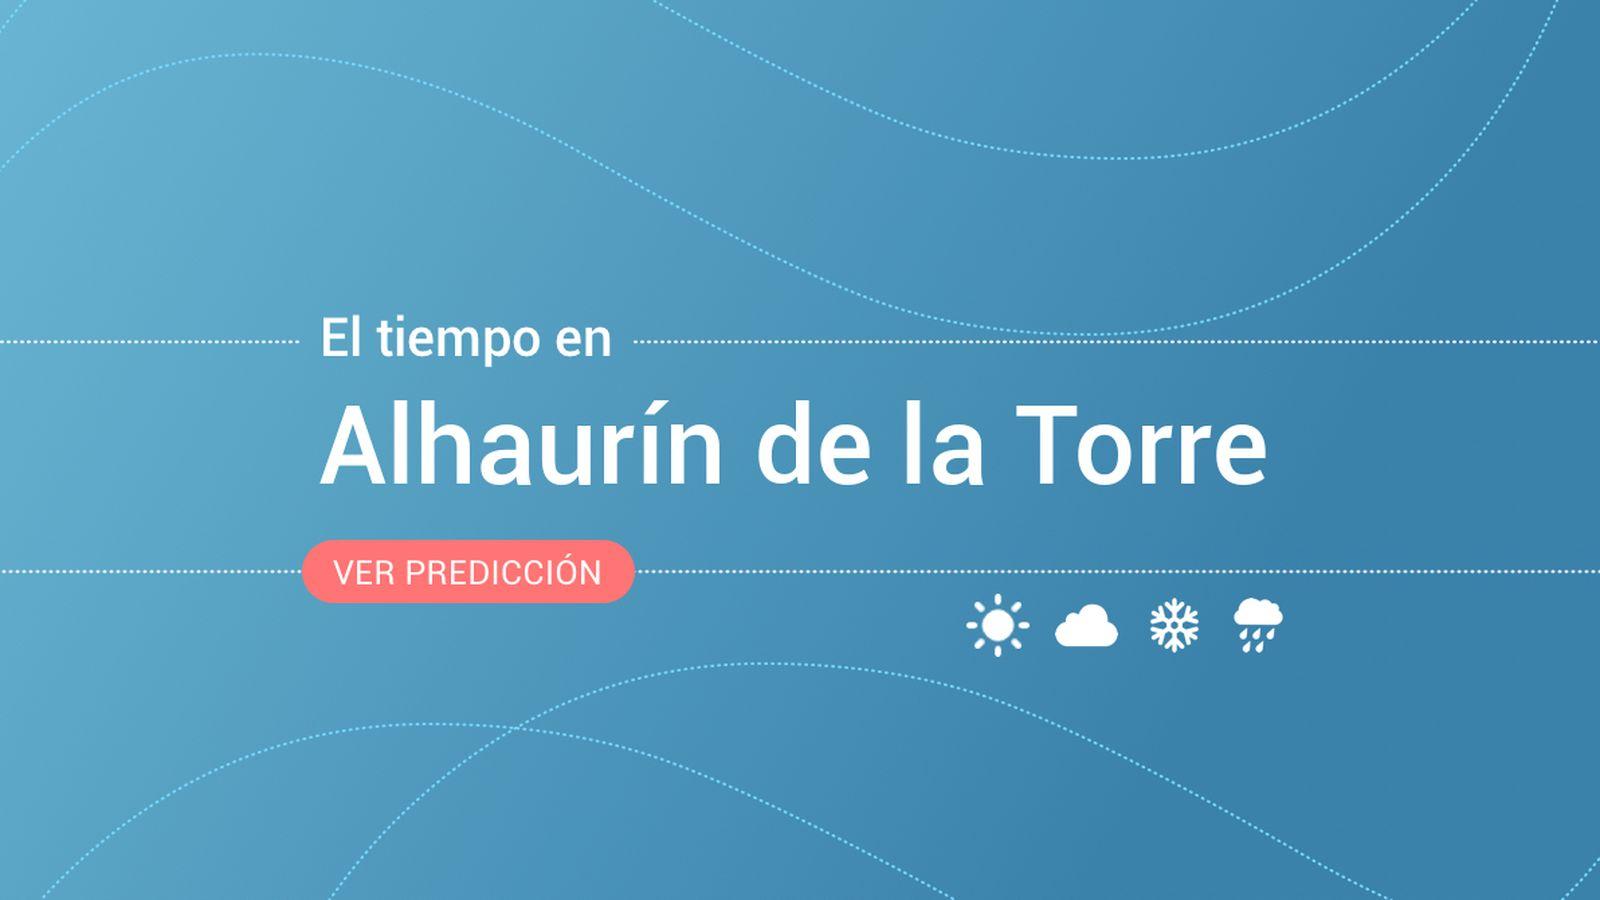 Foto: El tiempo en Alhaurín de la Torre. (EC)